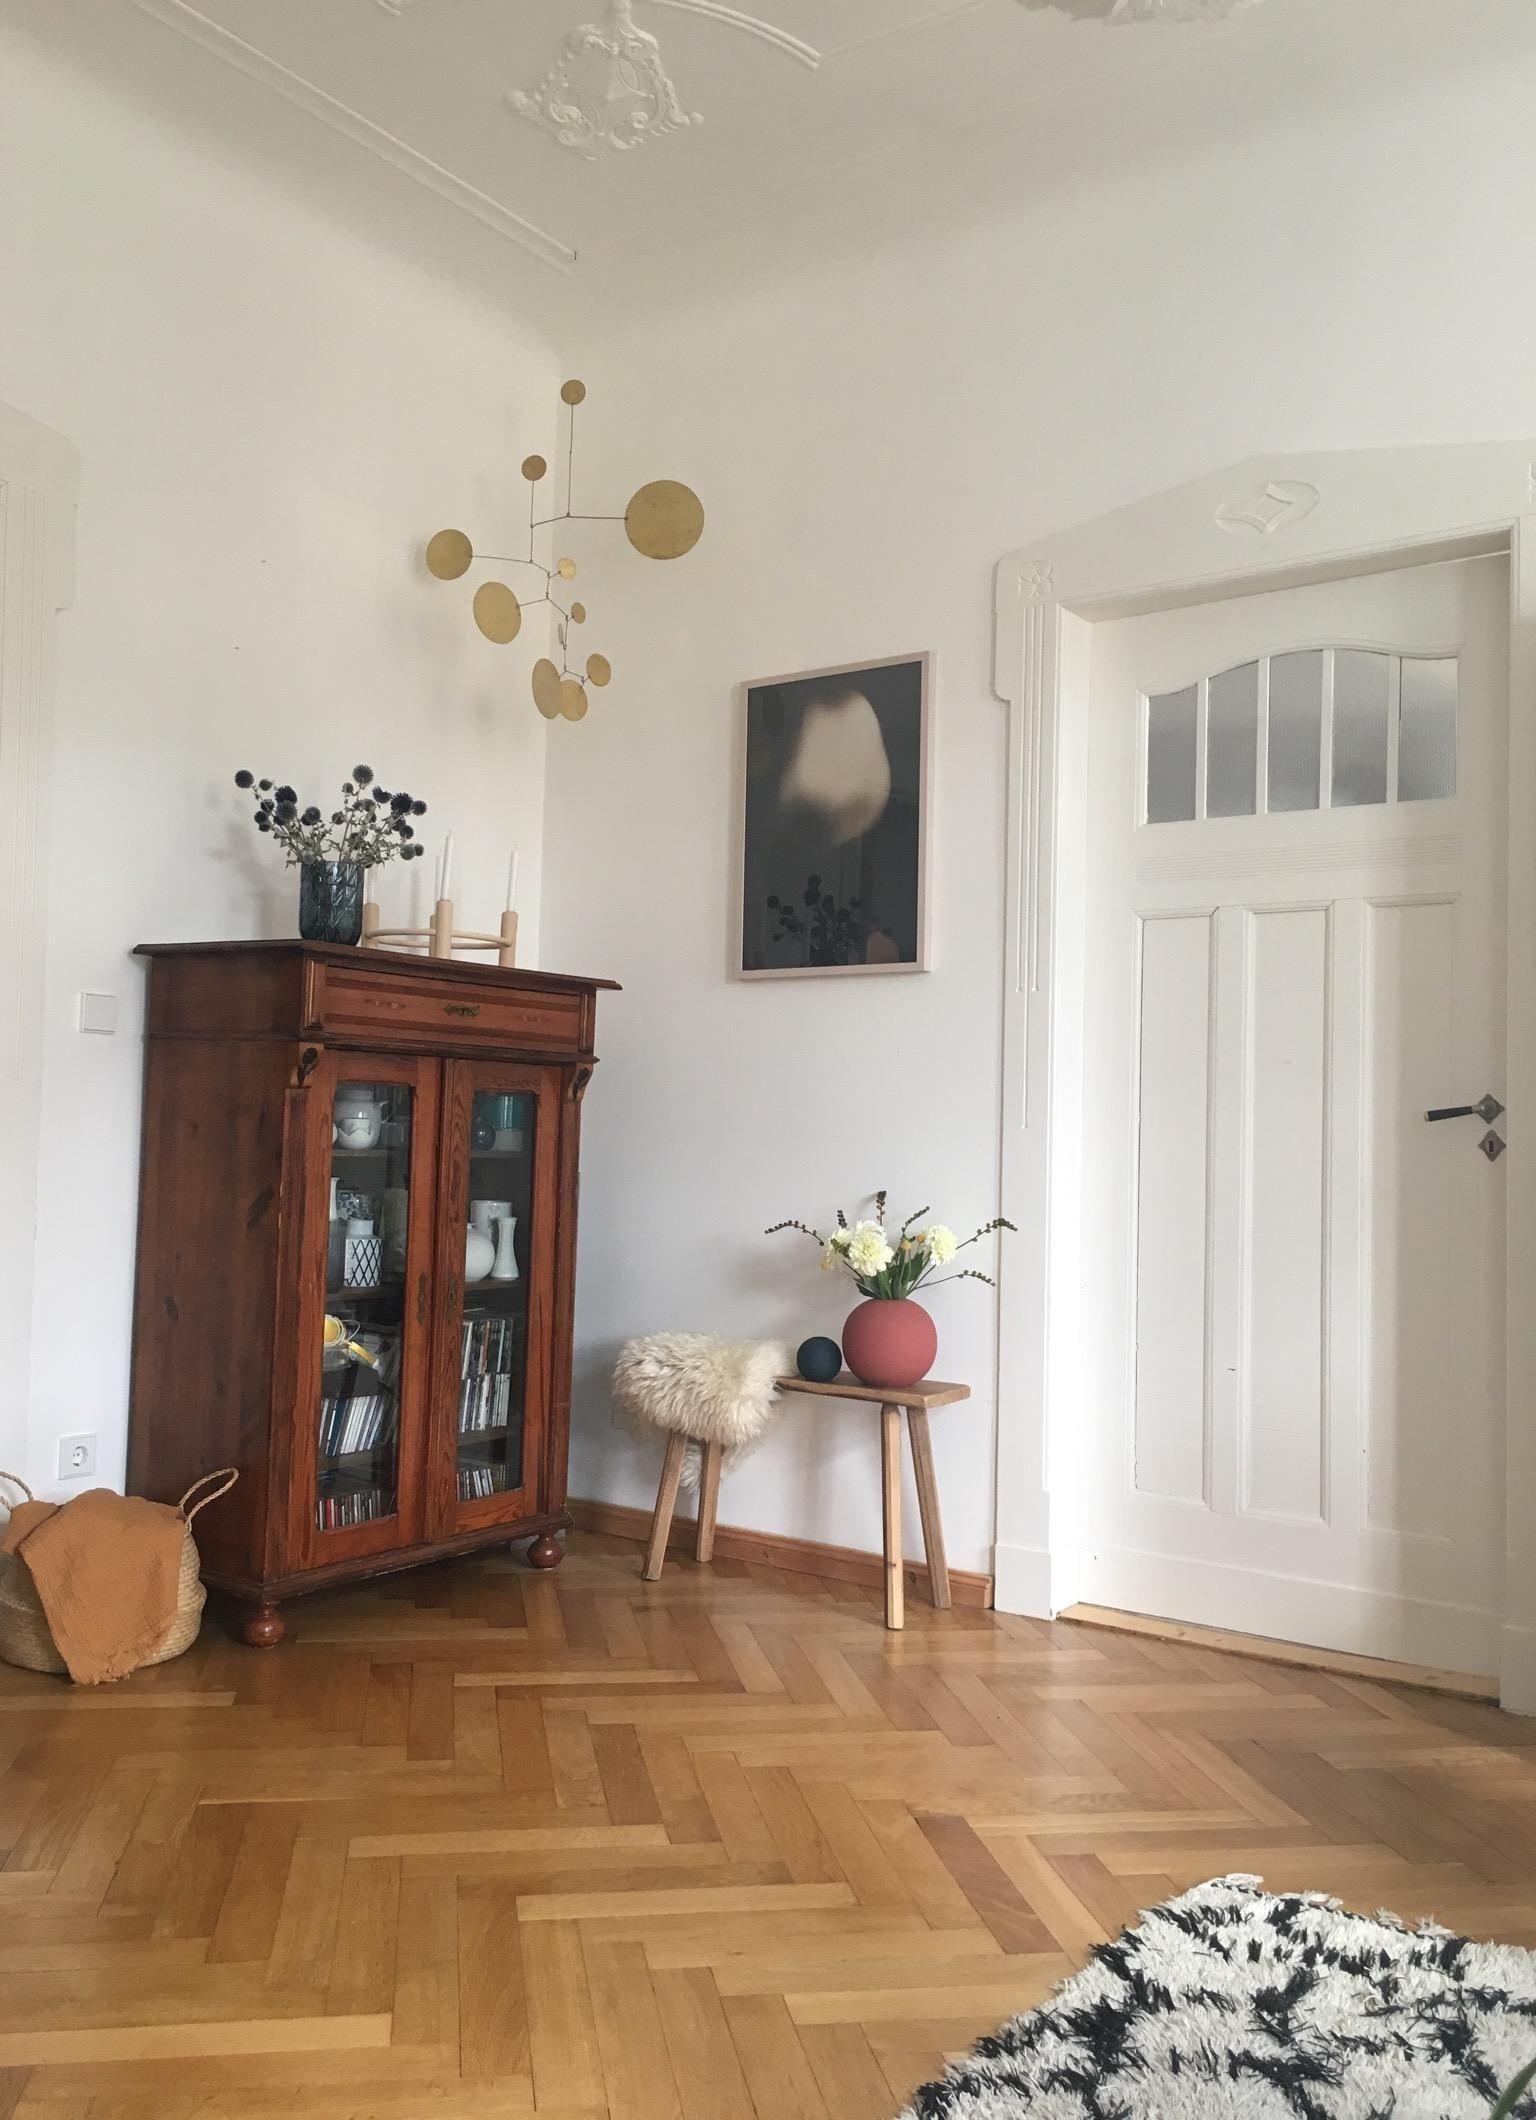 Meine Lieblingsecke… #wohnzimmer #altbauwohnung #h…